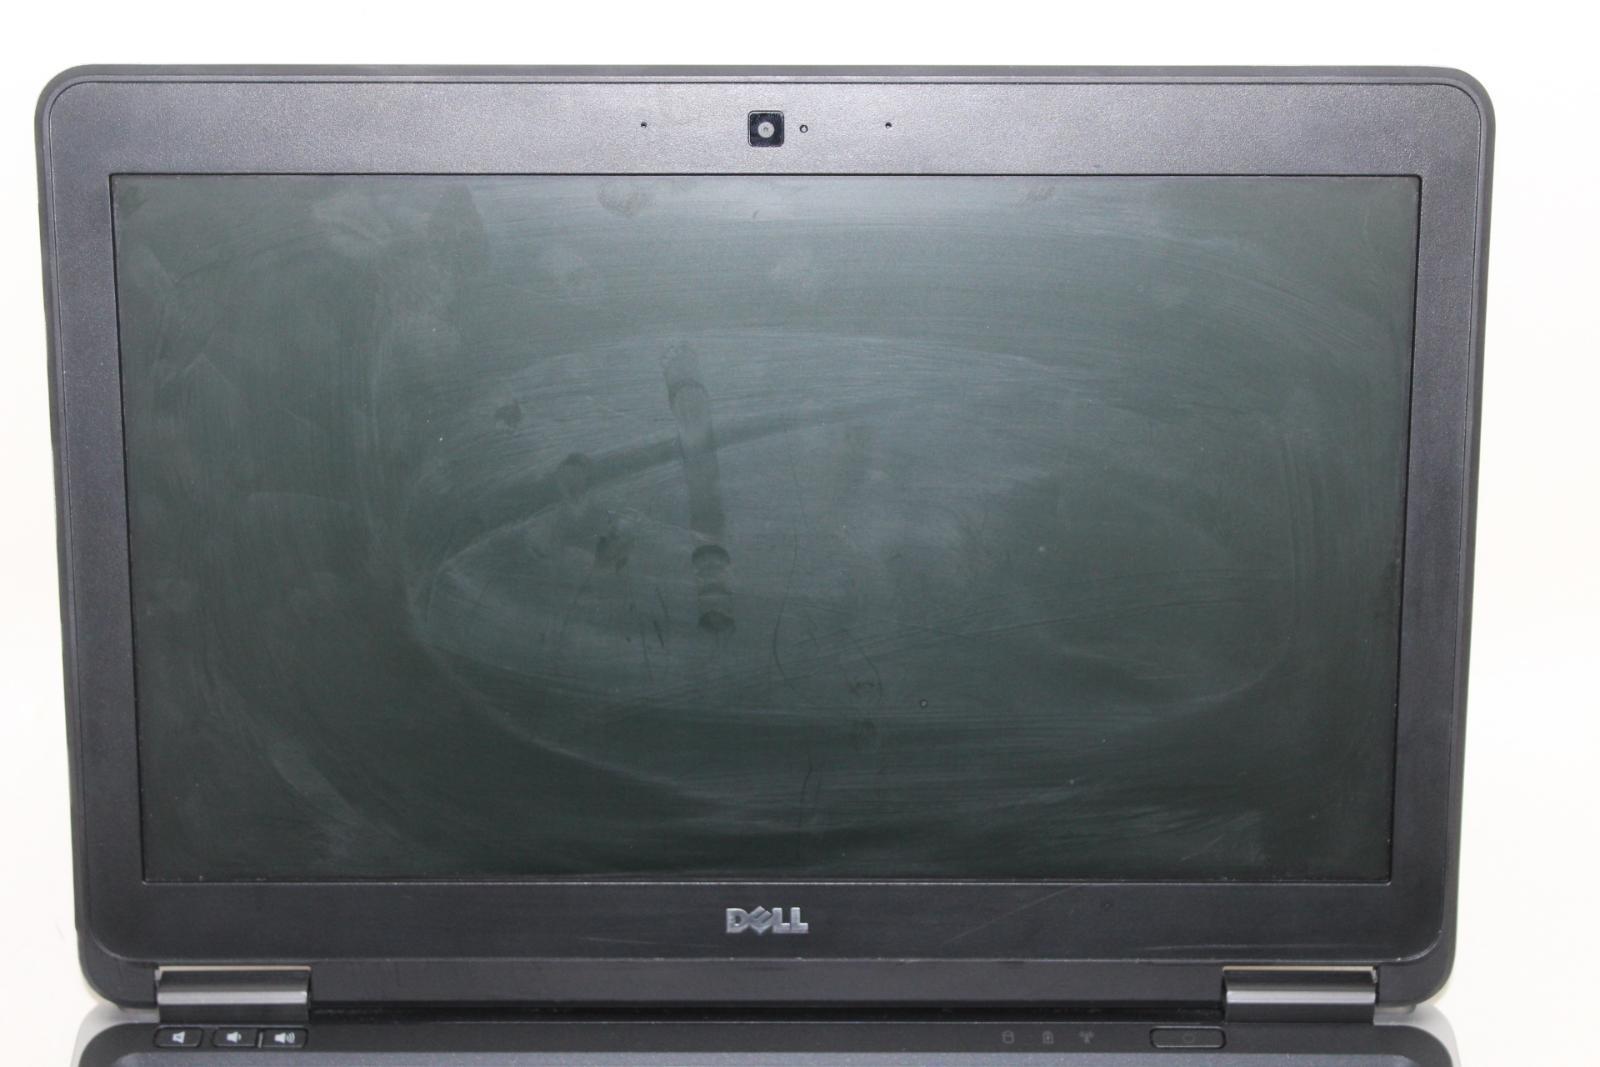 DELL-Latitude-E7240-Argent-IntelCore-i7-vPro-12-034-sans-disque-dur-RAM-ordinateur-portable miniature 6